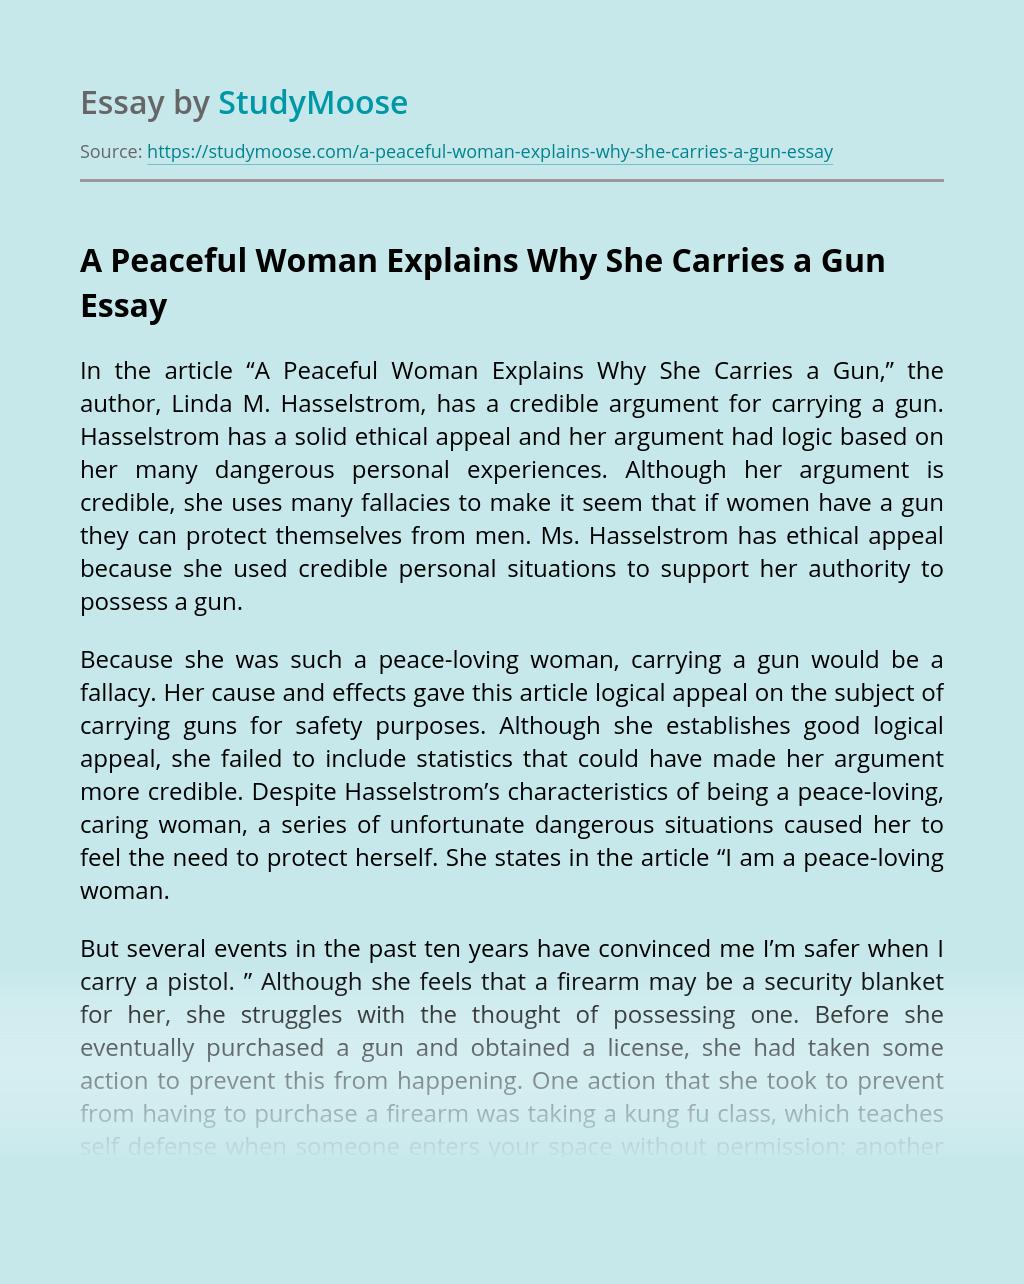 A Peaceful Woman Explains Why She Carries a Gun